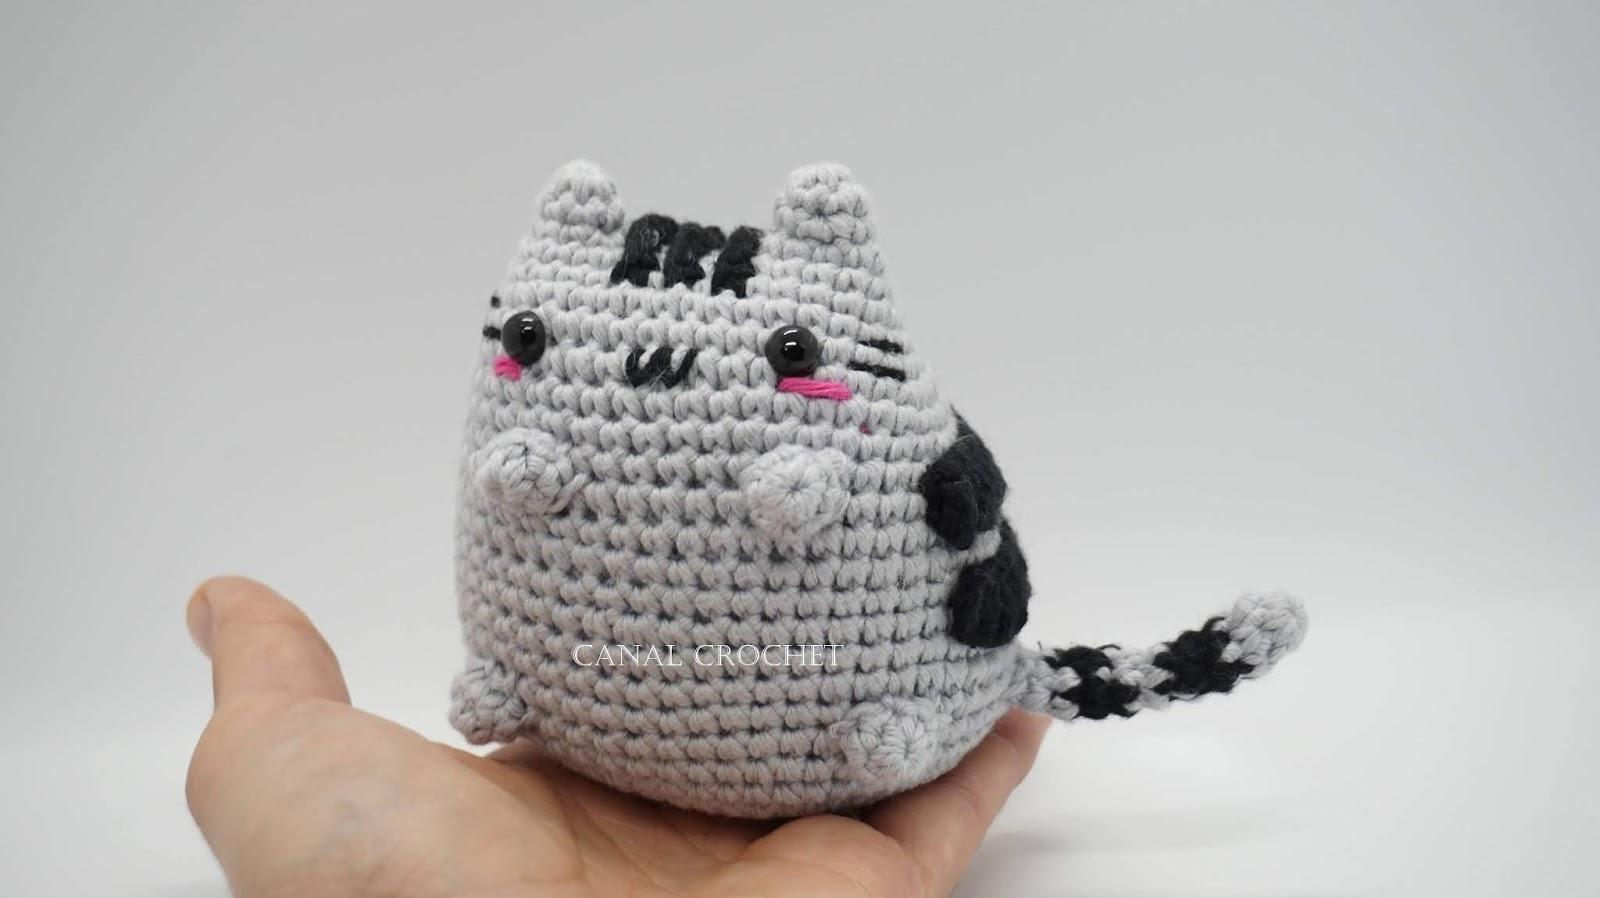 CANAL CROCHET: Gato kawaii amigurumi tutorial